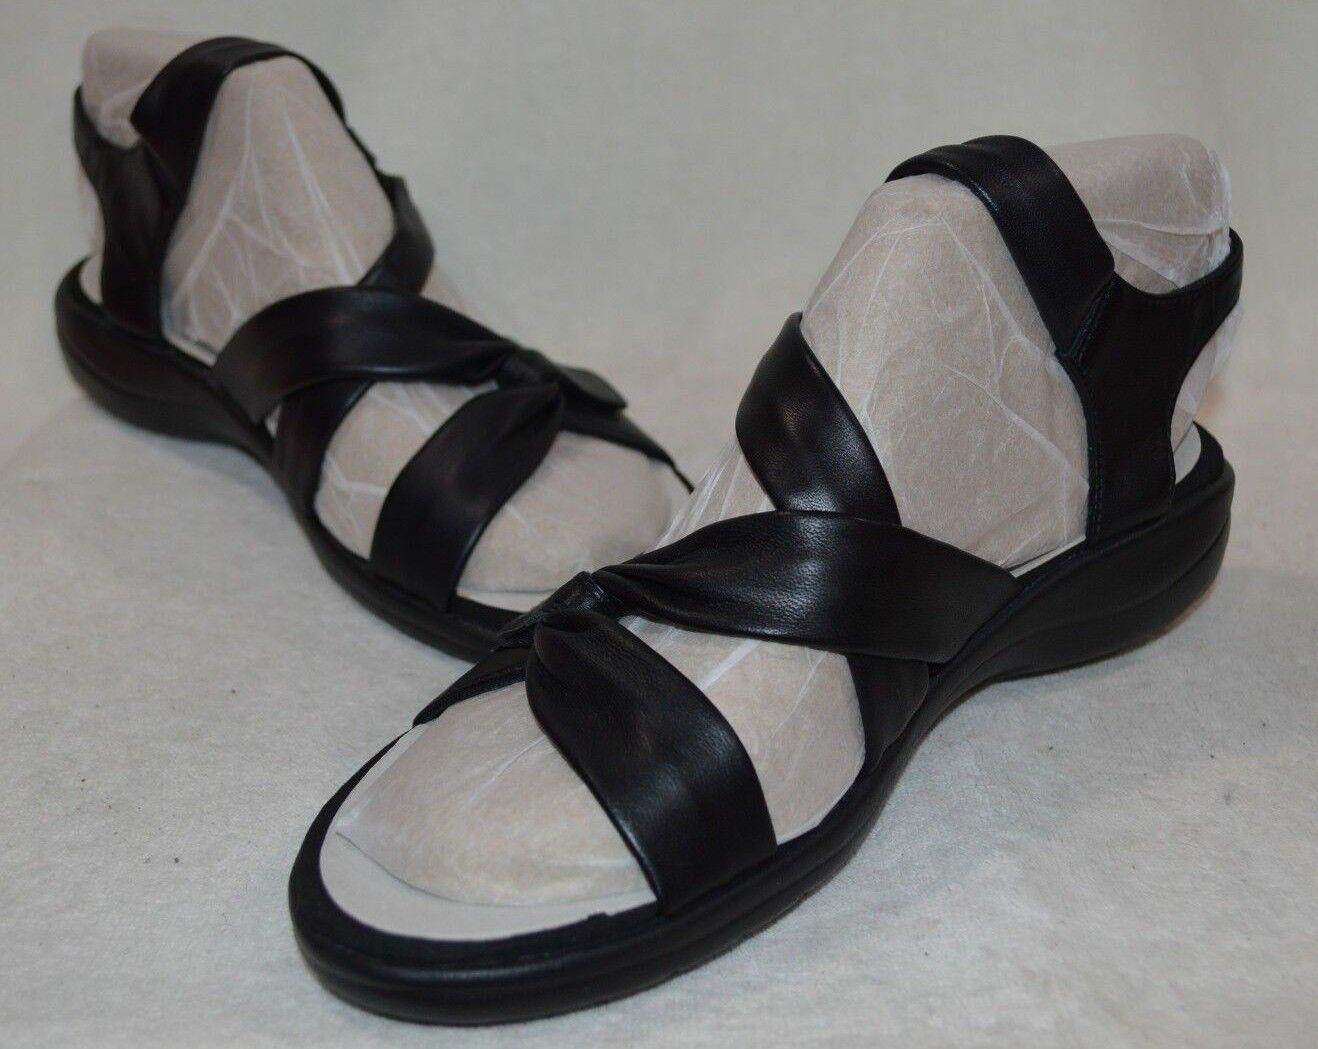 Clarks Femmes Saylie lune en Cuir Noir Sandale-Tailles 8.5 10 nwb